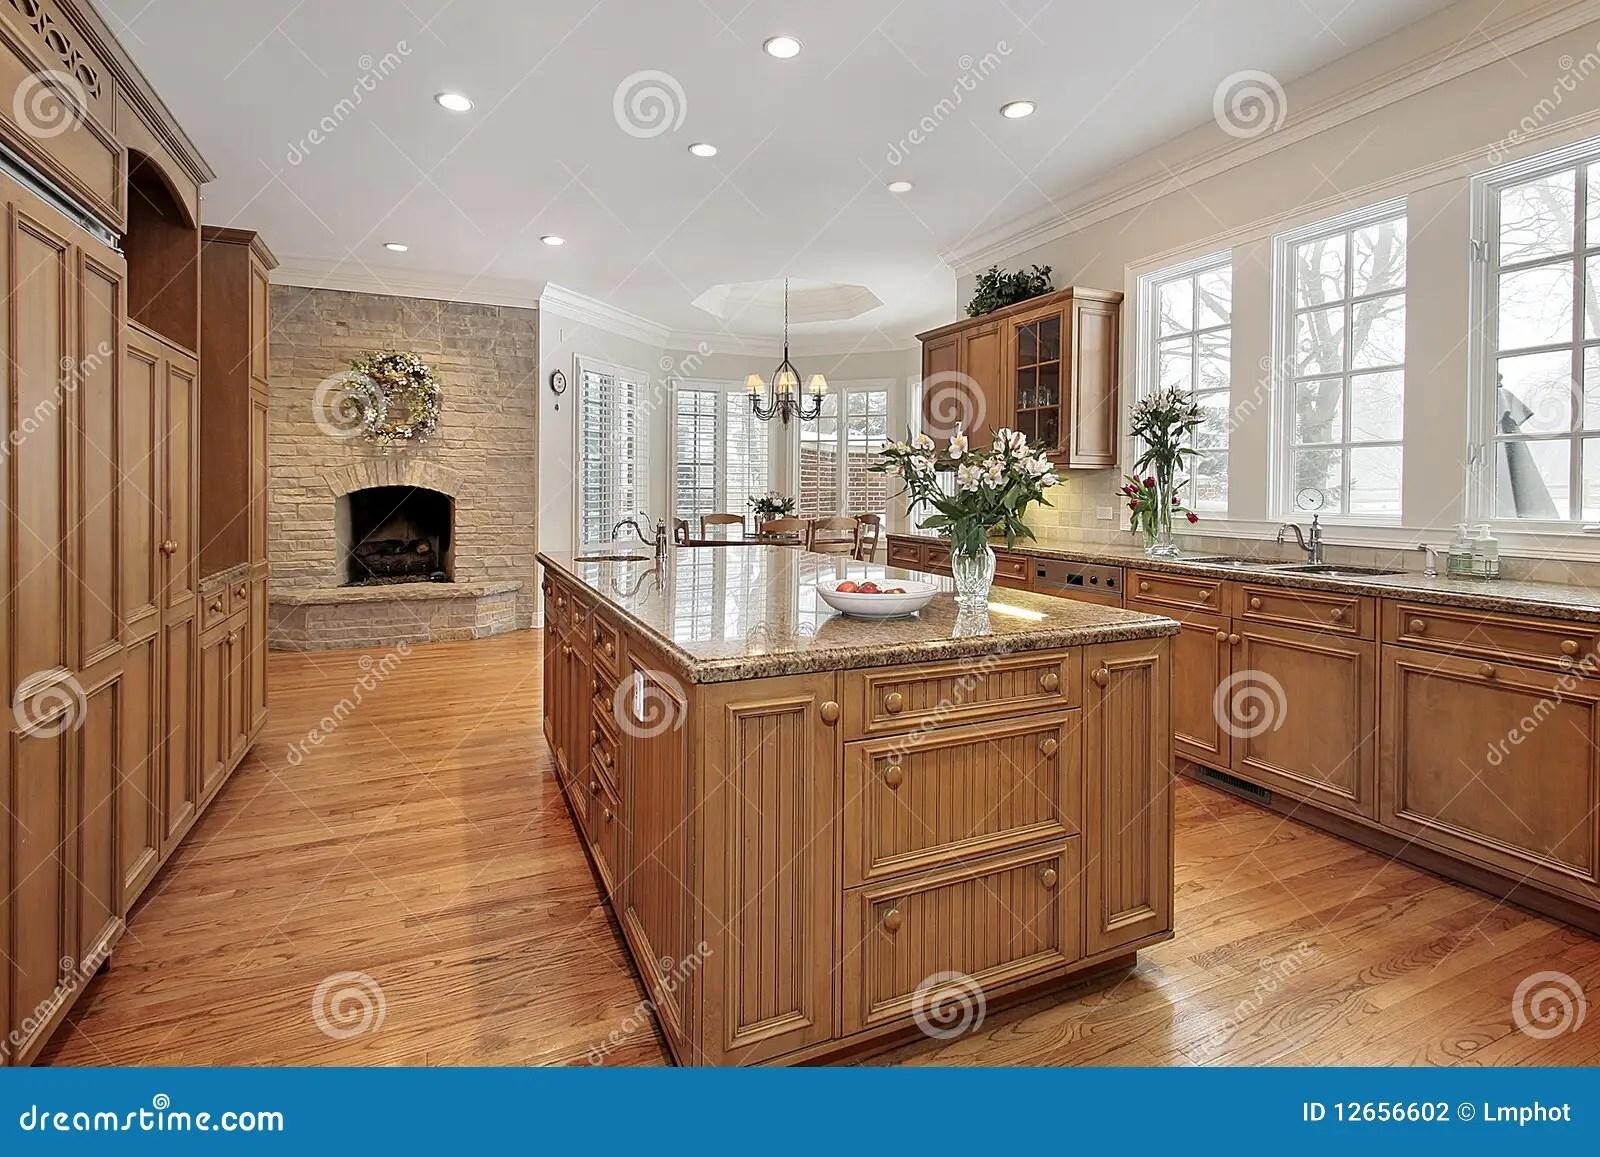 Caminetti In Cucina Moderna : Camino in cucina caminetti in cucina moderna camino in cucina